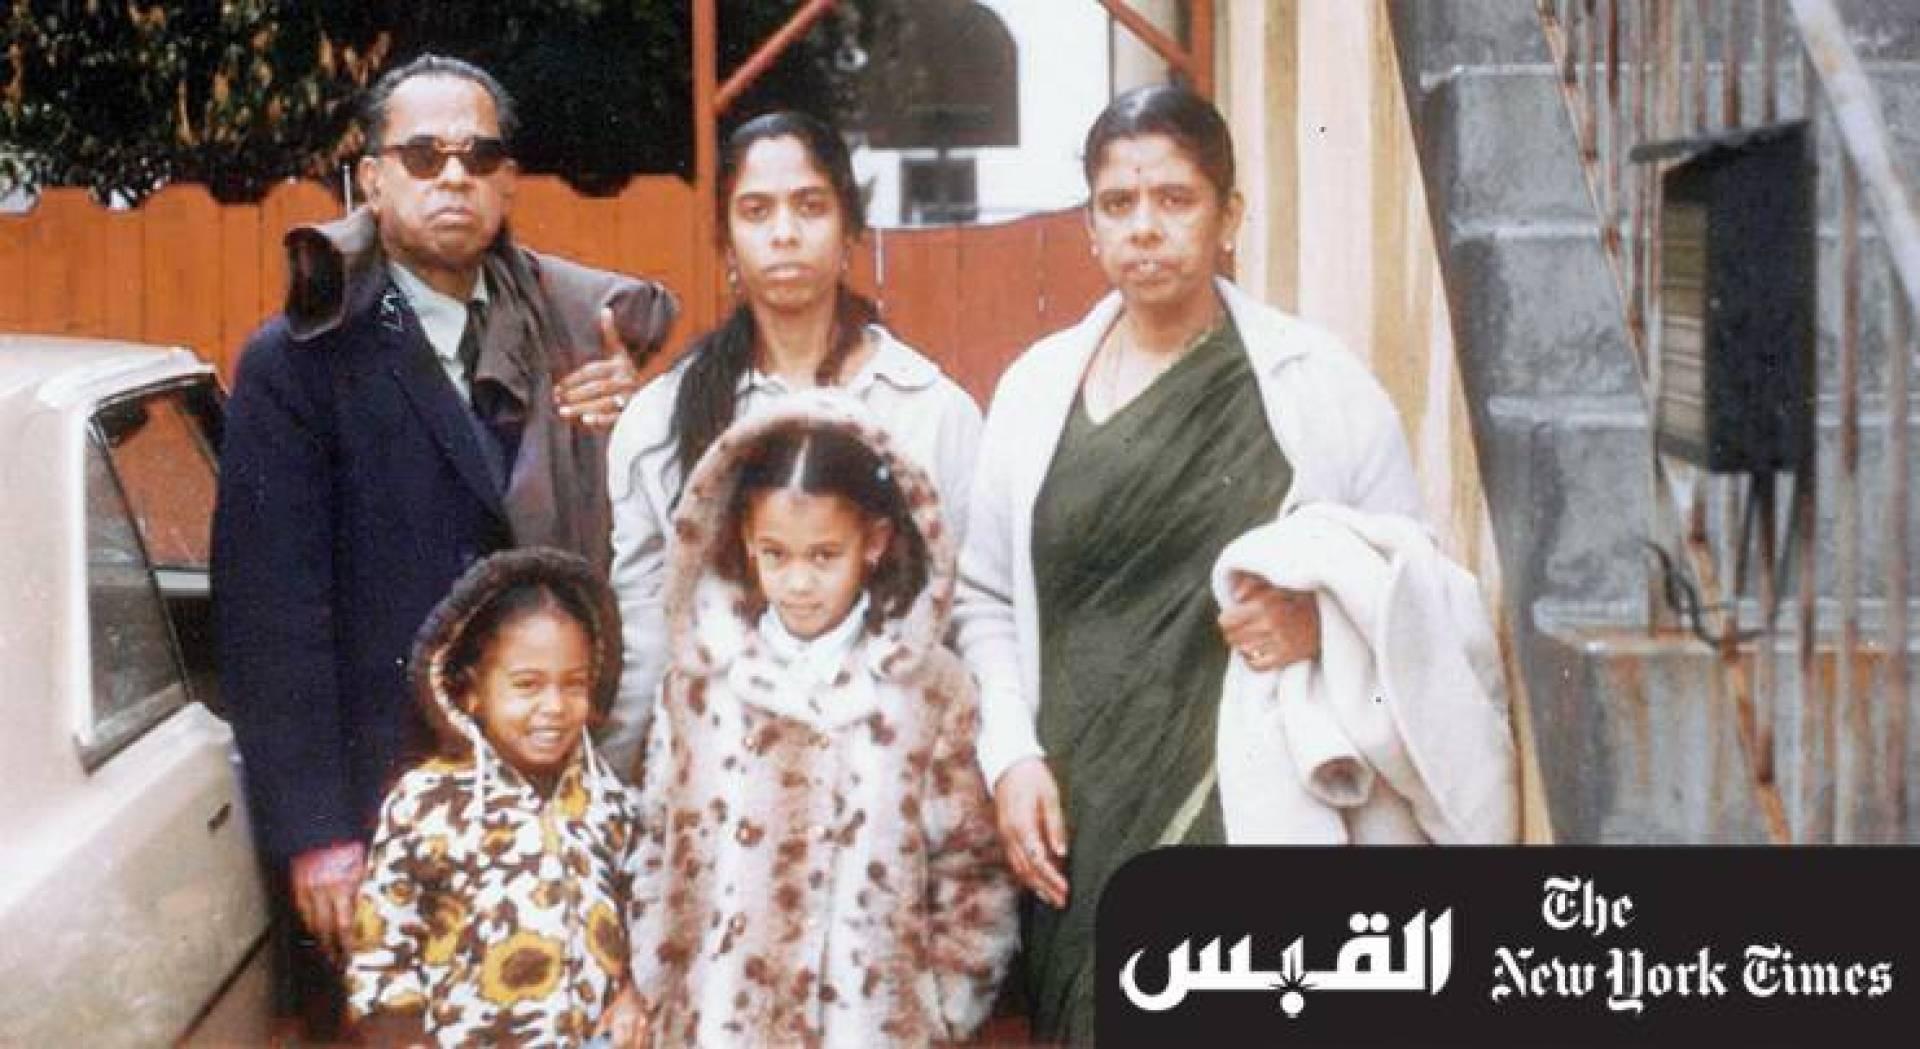 هاريس (في الوسط الأمامي) عام 1972 مع أختها الصغيرة وخلفها والدتها وجدَّاها